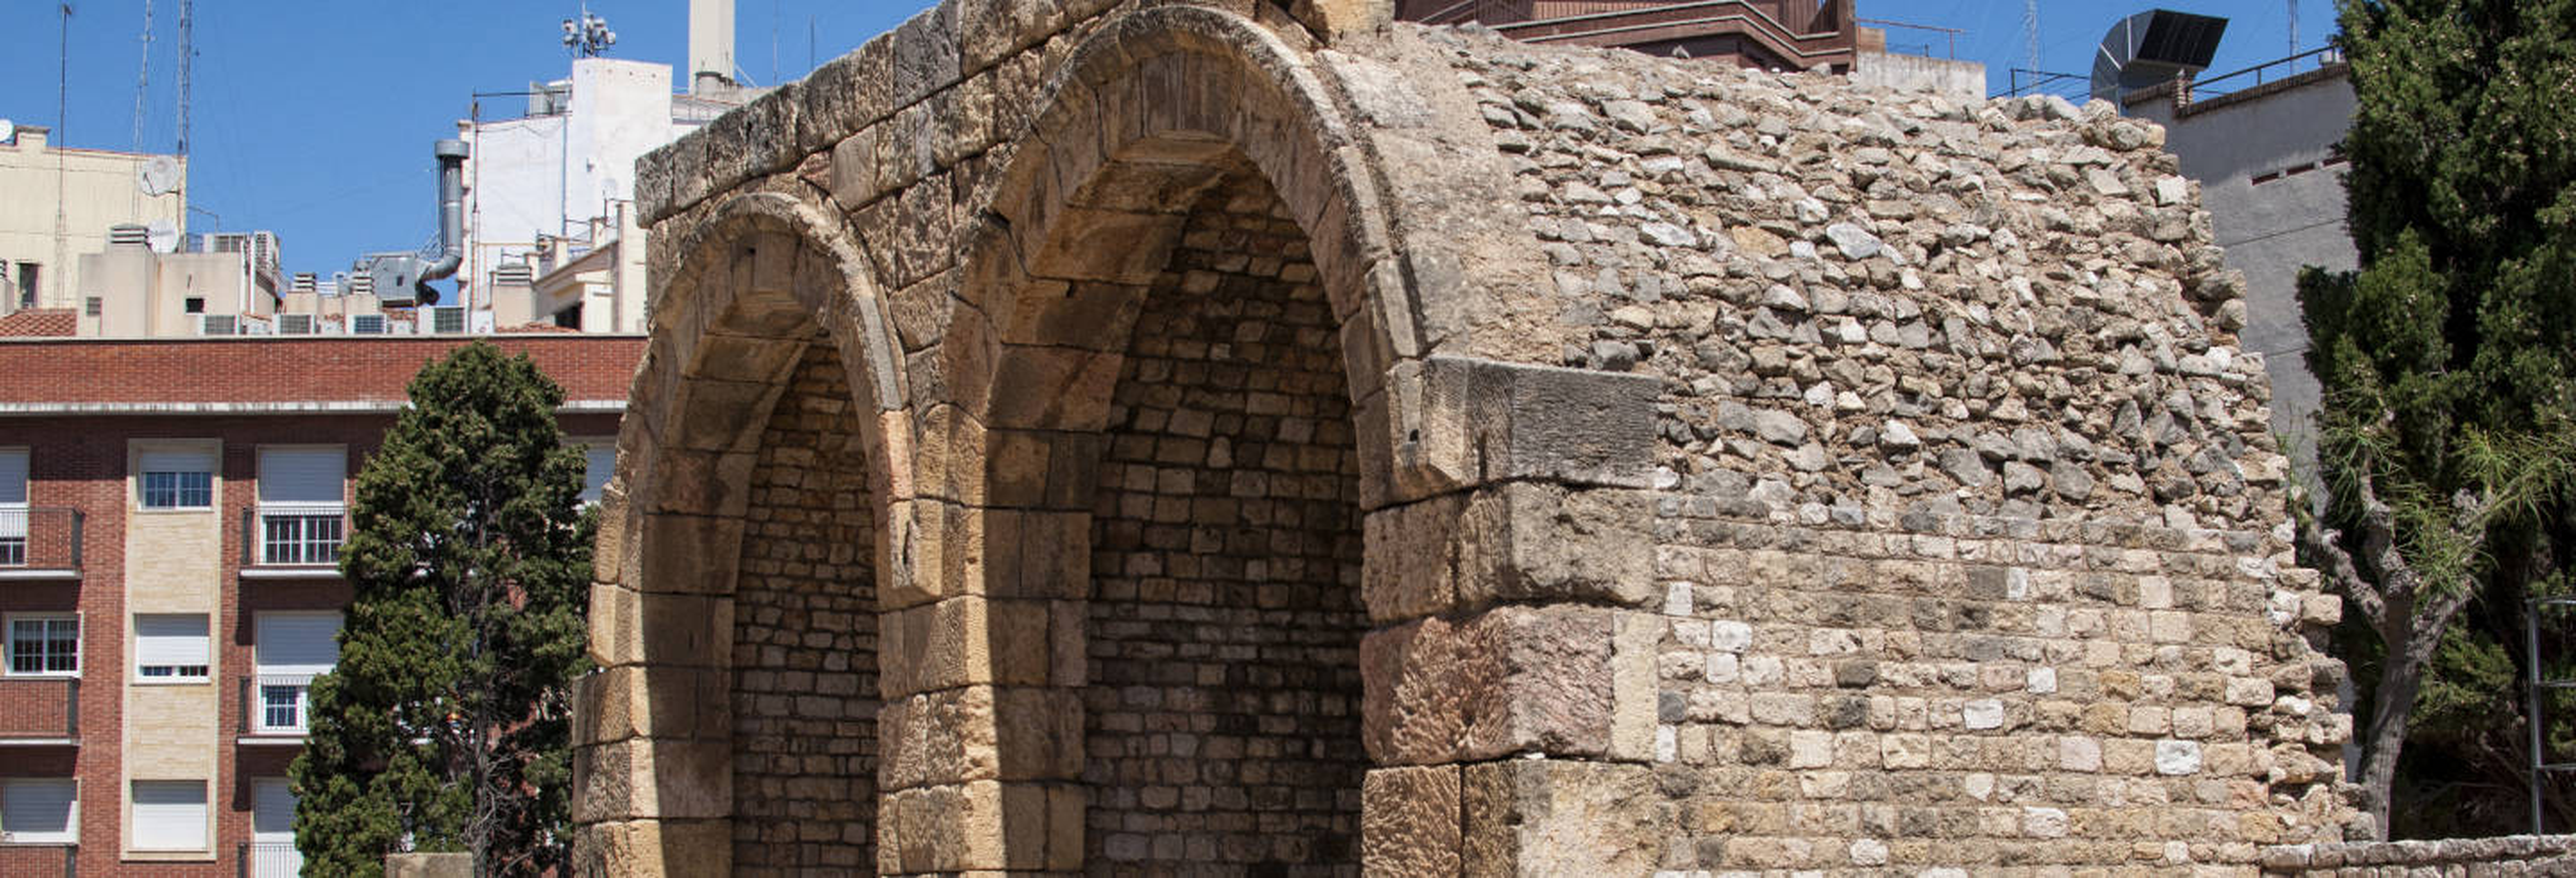 Tour privato di Tarragona con guida in italiano